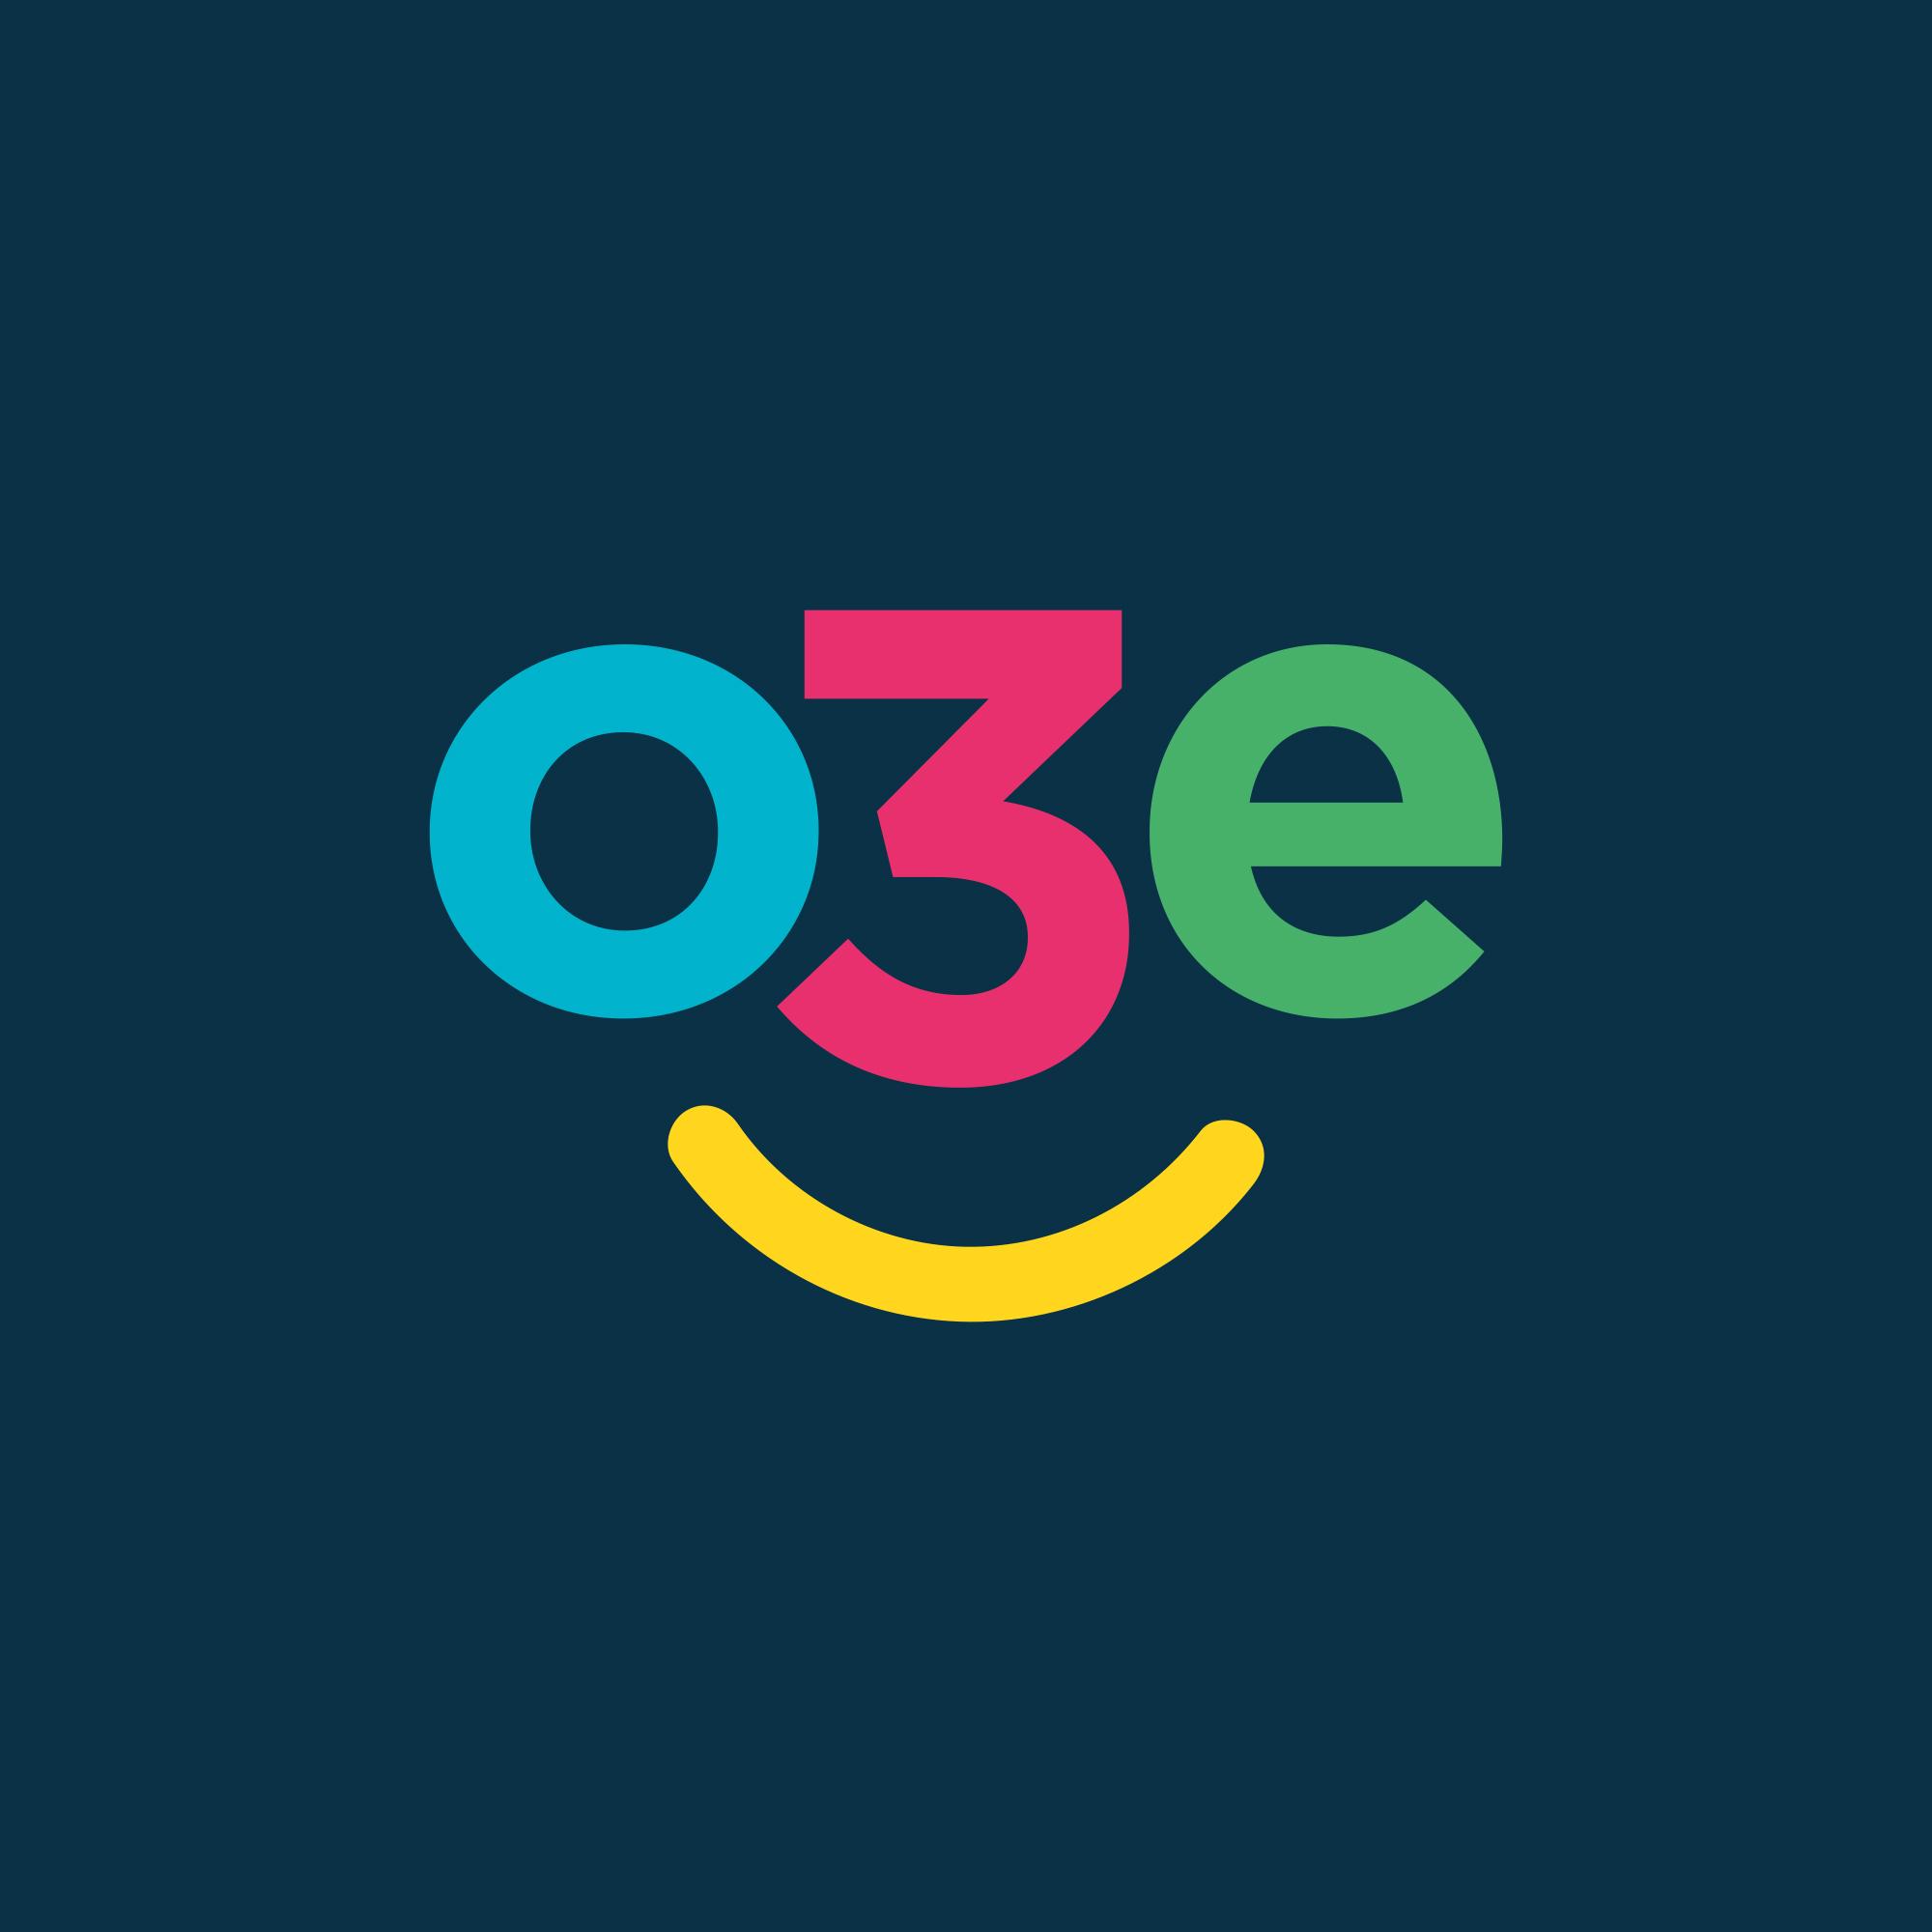 Logo design for O3e